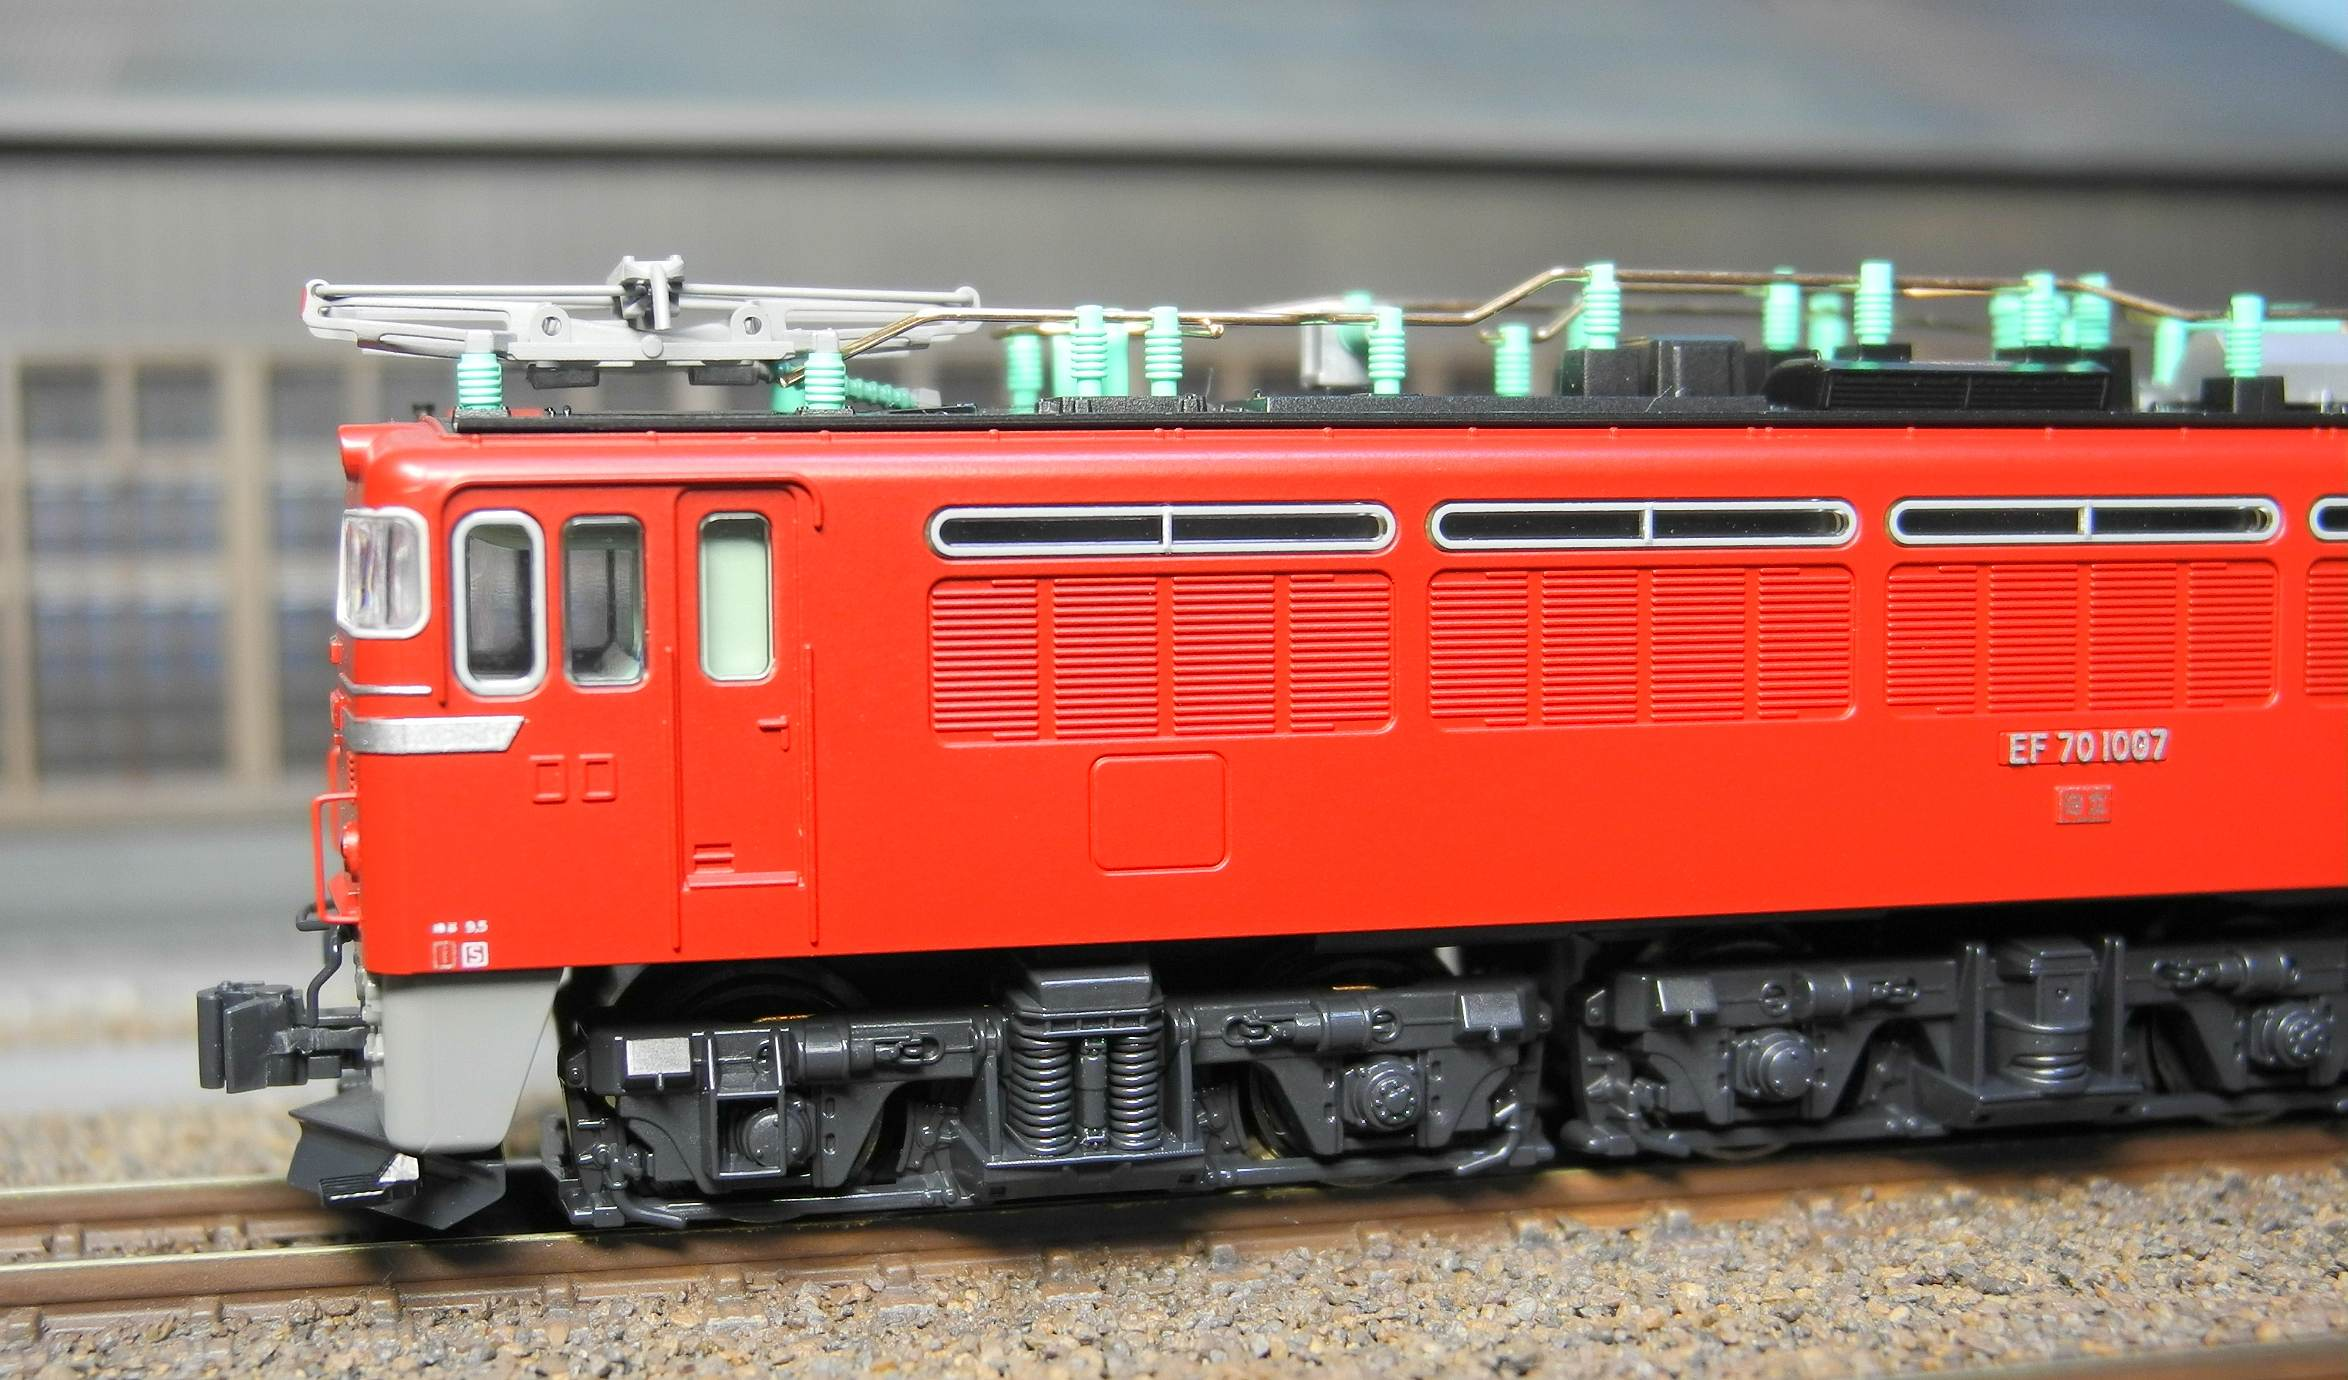 DSCN8024-1.jpg